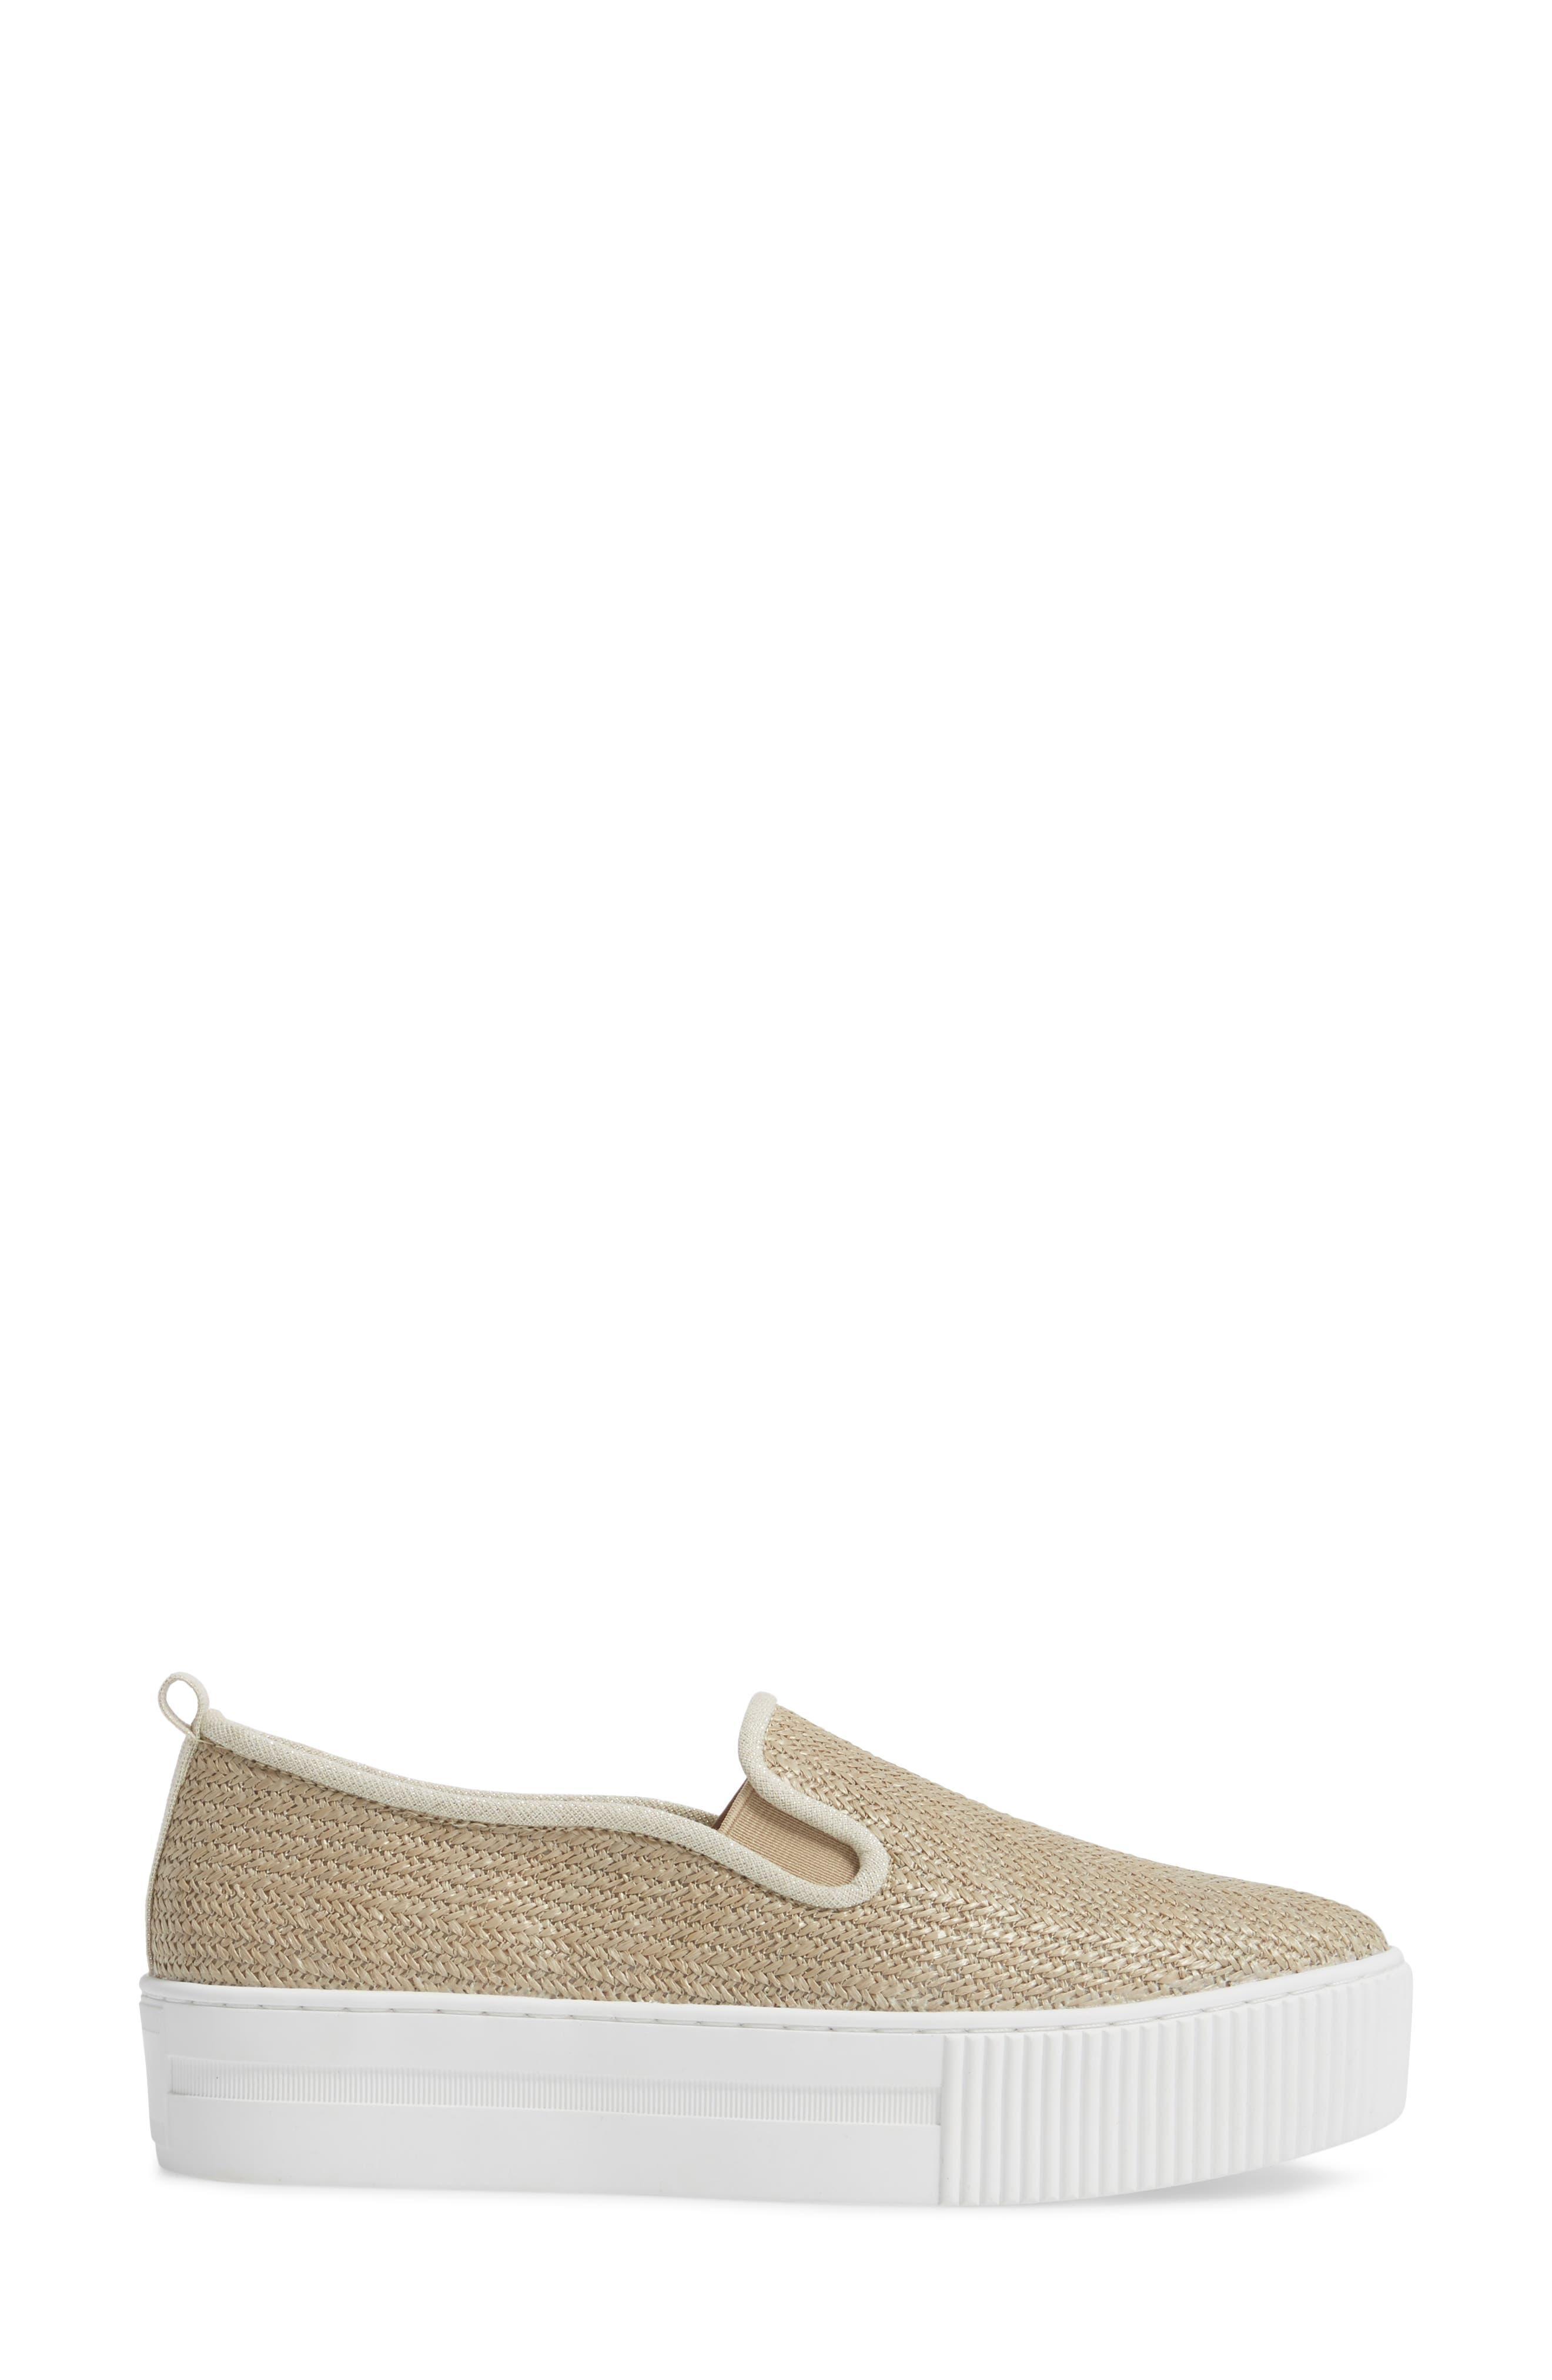 Baylee Platform Slip-On Sneaker,                             Alternate thumbnail 3, color,                             Natural Raffia